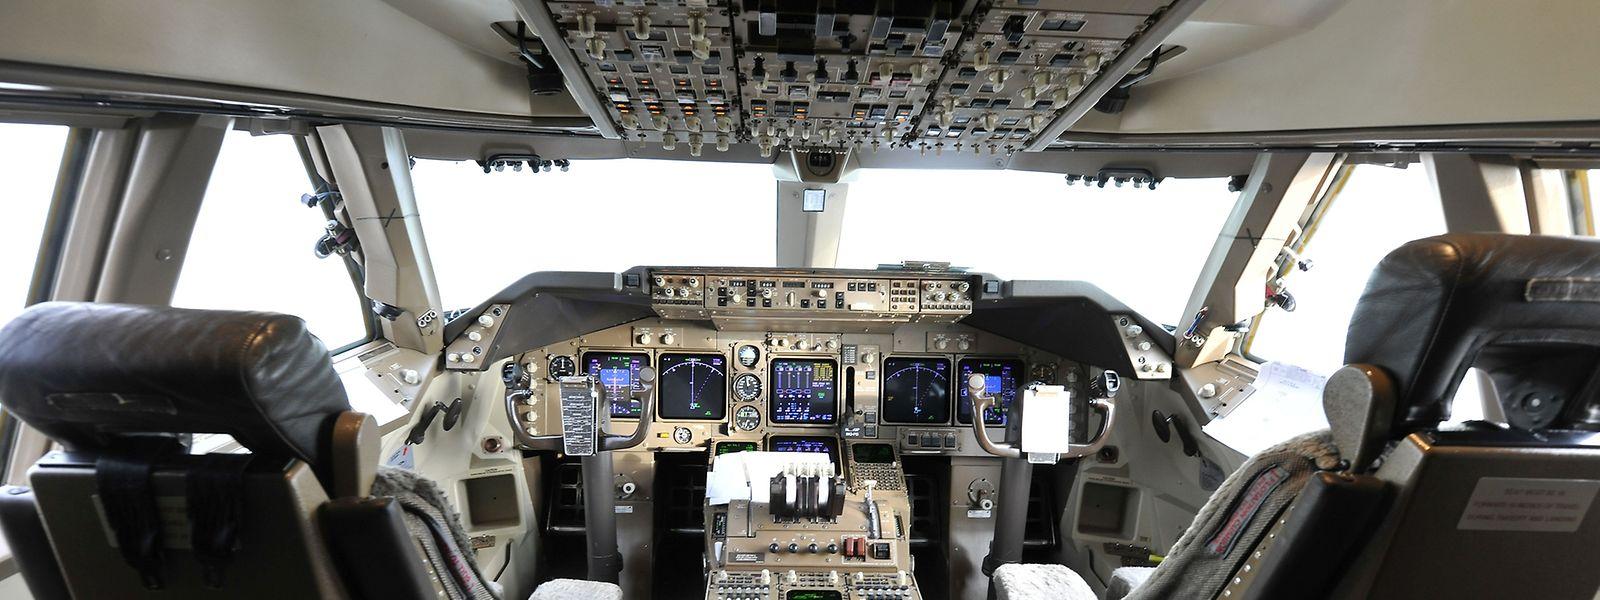 Für die Studie wurden der ALPL zufolge insgesamt über 7000 europäische Piloten anonym befragt.